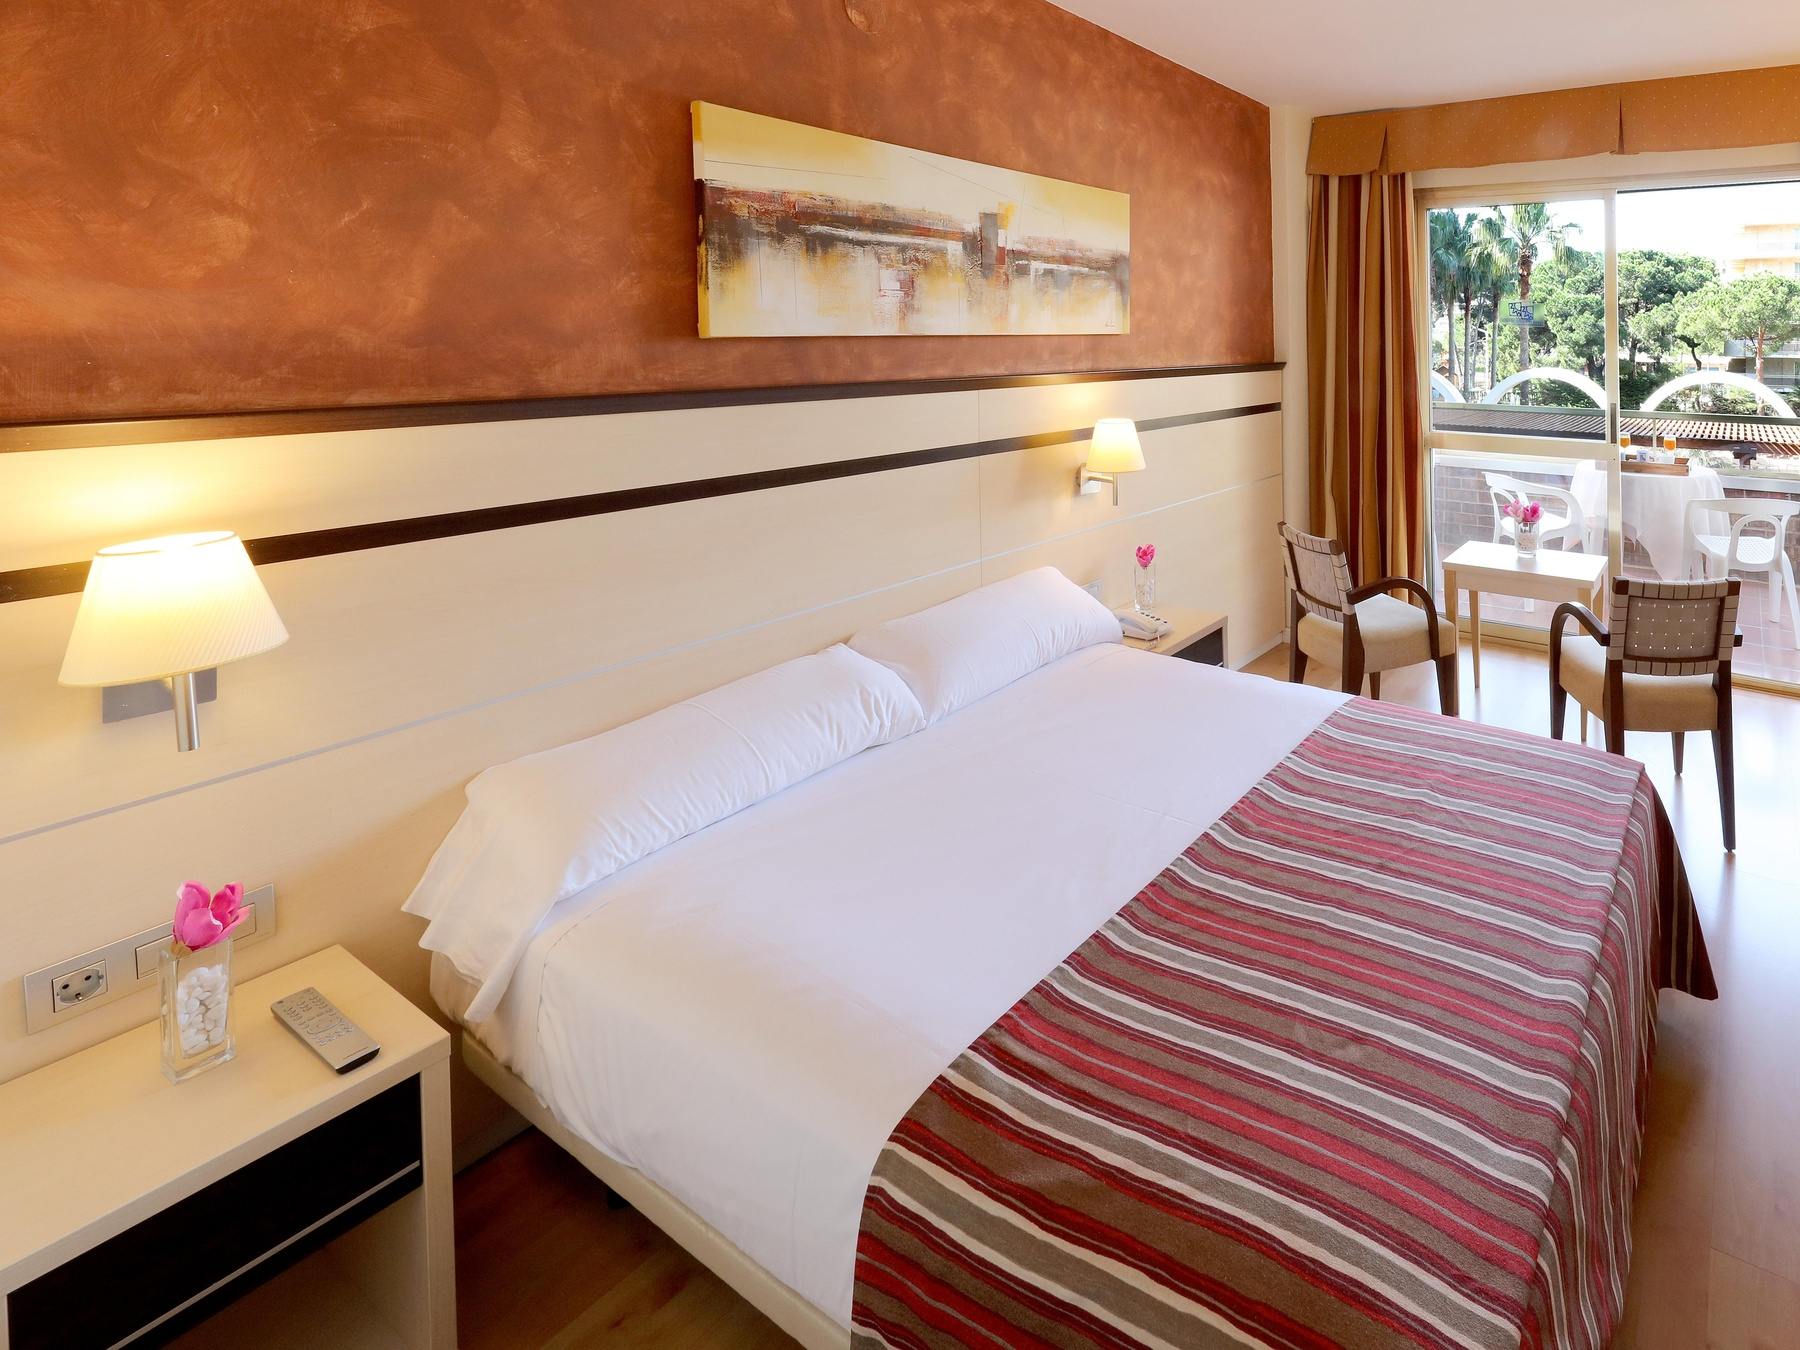 hotel habitaciones familiares Salou Costa Dorada